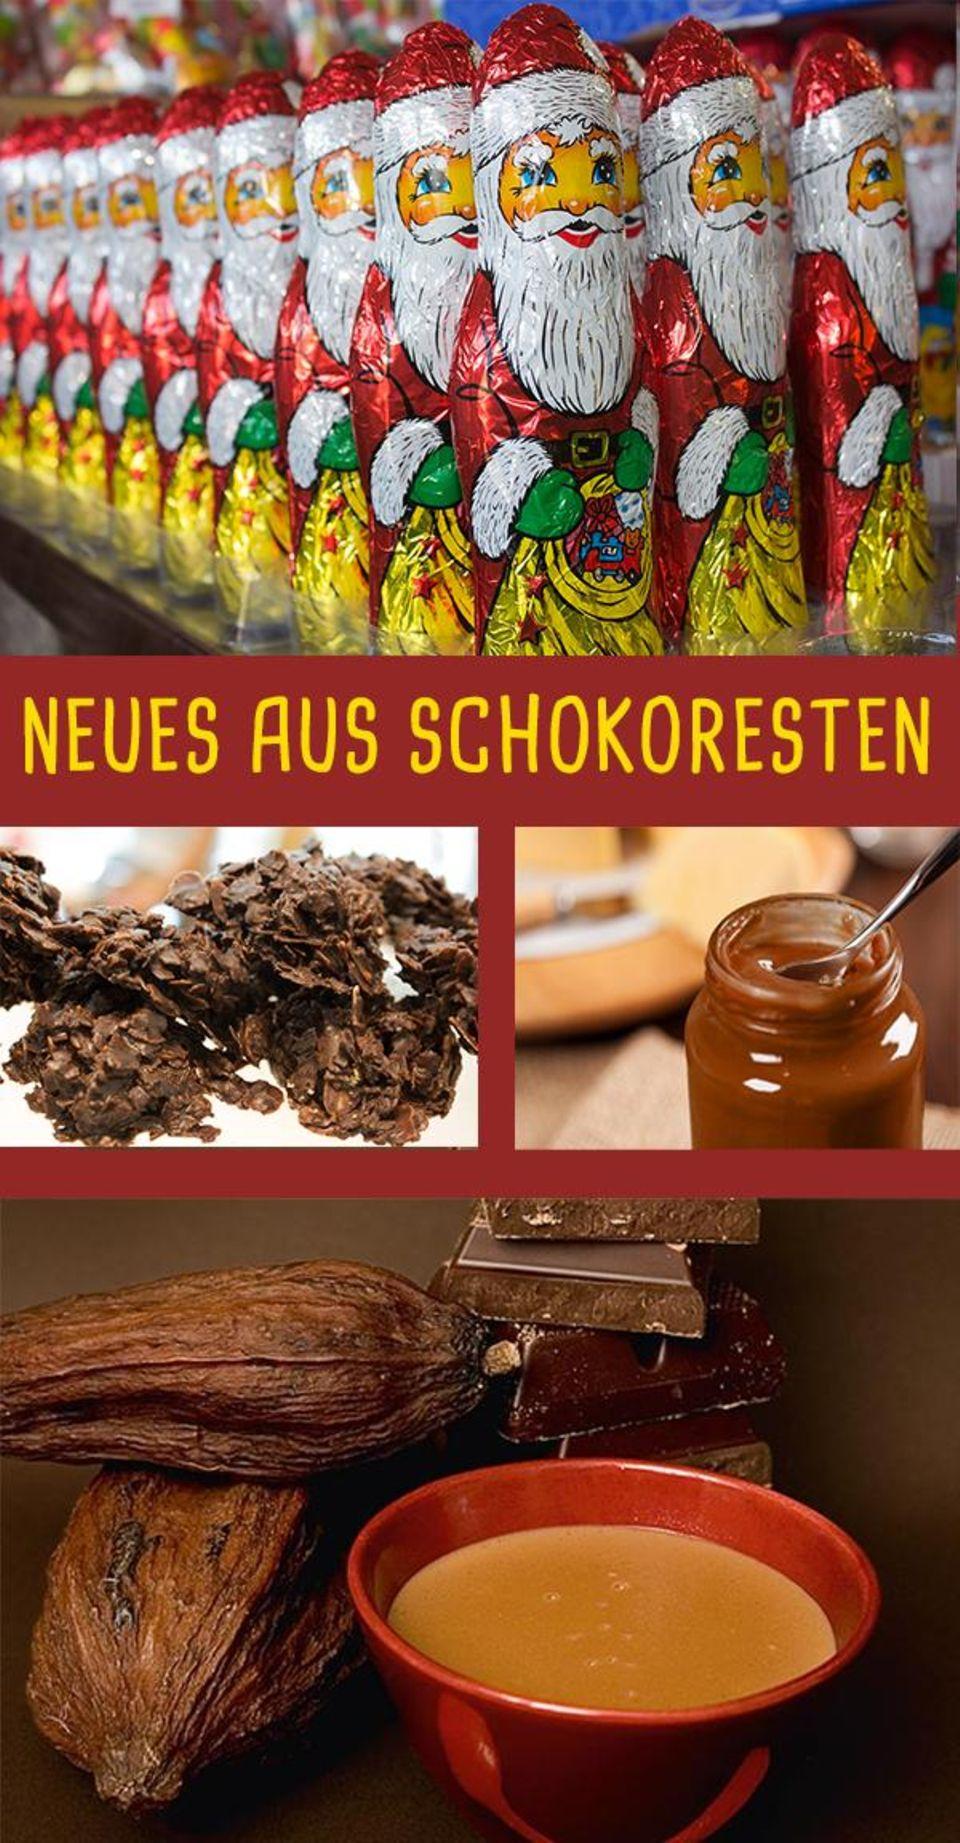 Schokoladenreste wiederverwerten